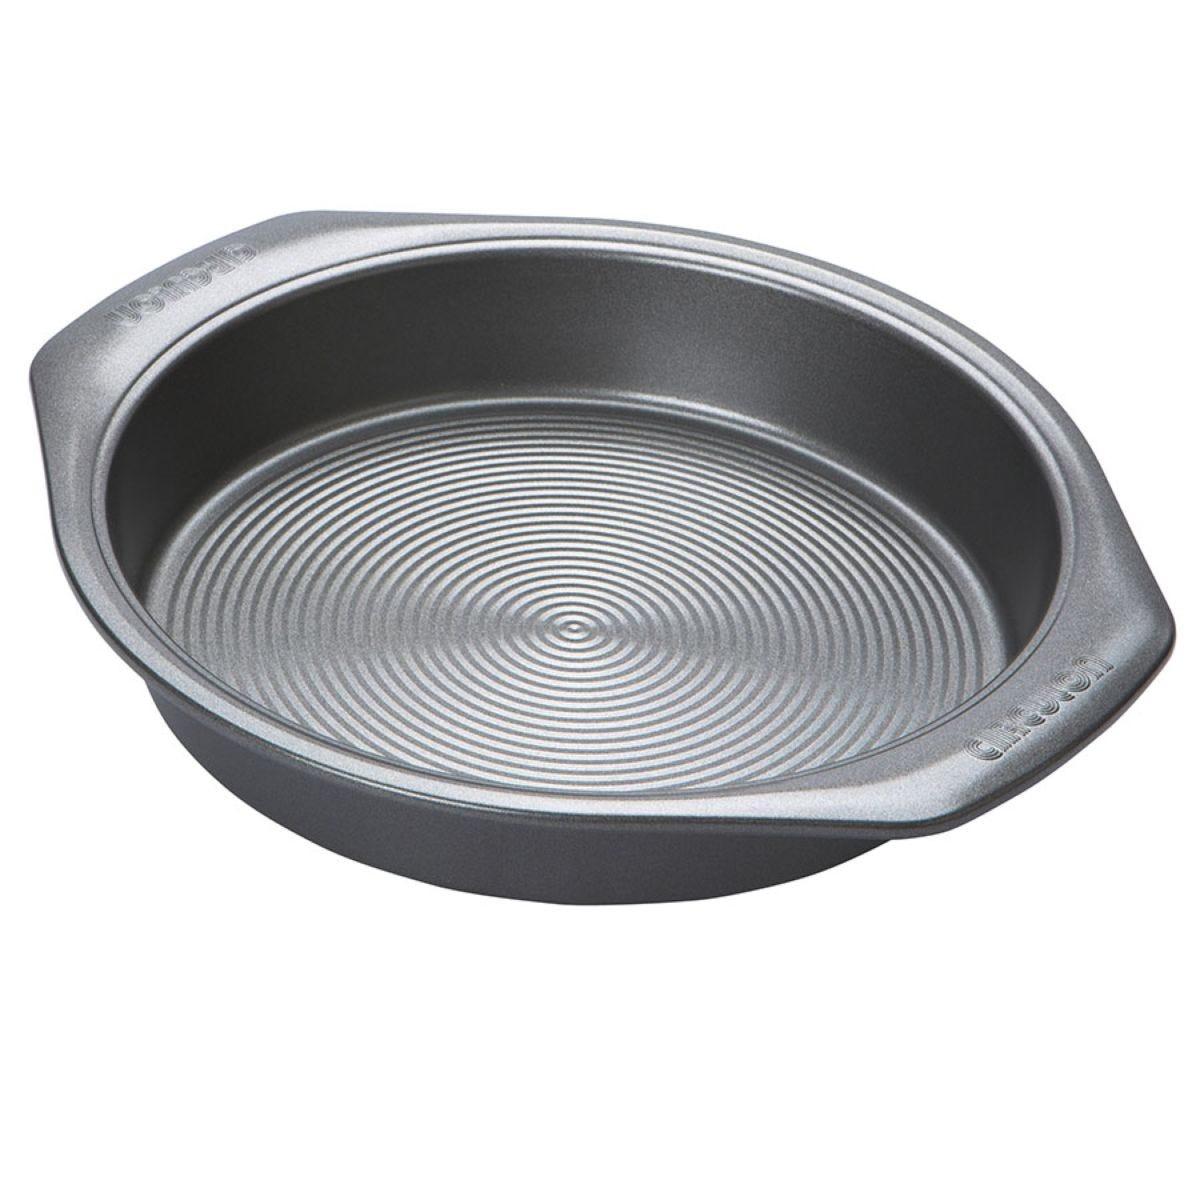 Circulon Momentum Round Cake Tin – 9 inch